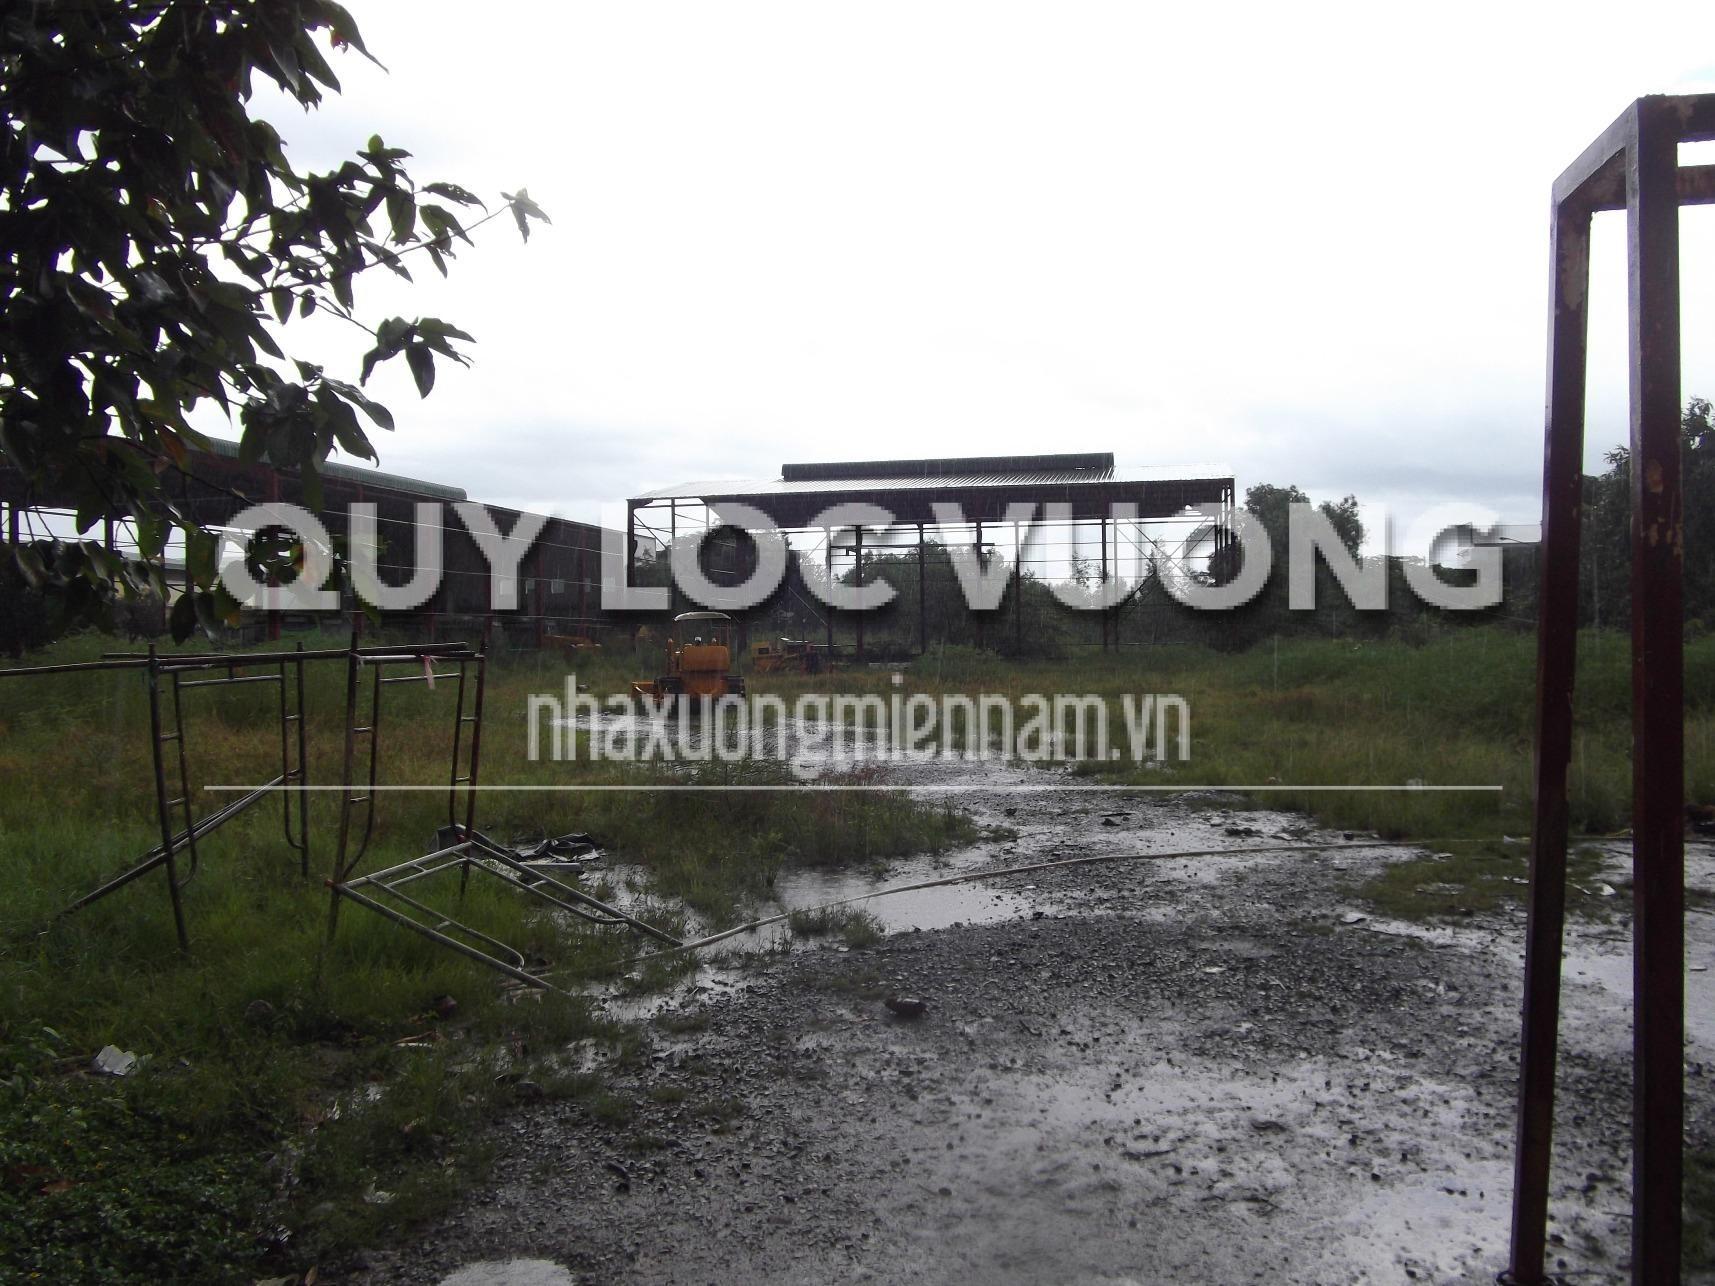 Cho thuê đất trống làm bãi đậu xe mặt tiền đường Mỹ Phước Tân Vạn, Bình Dương